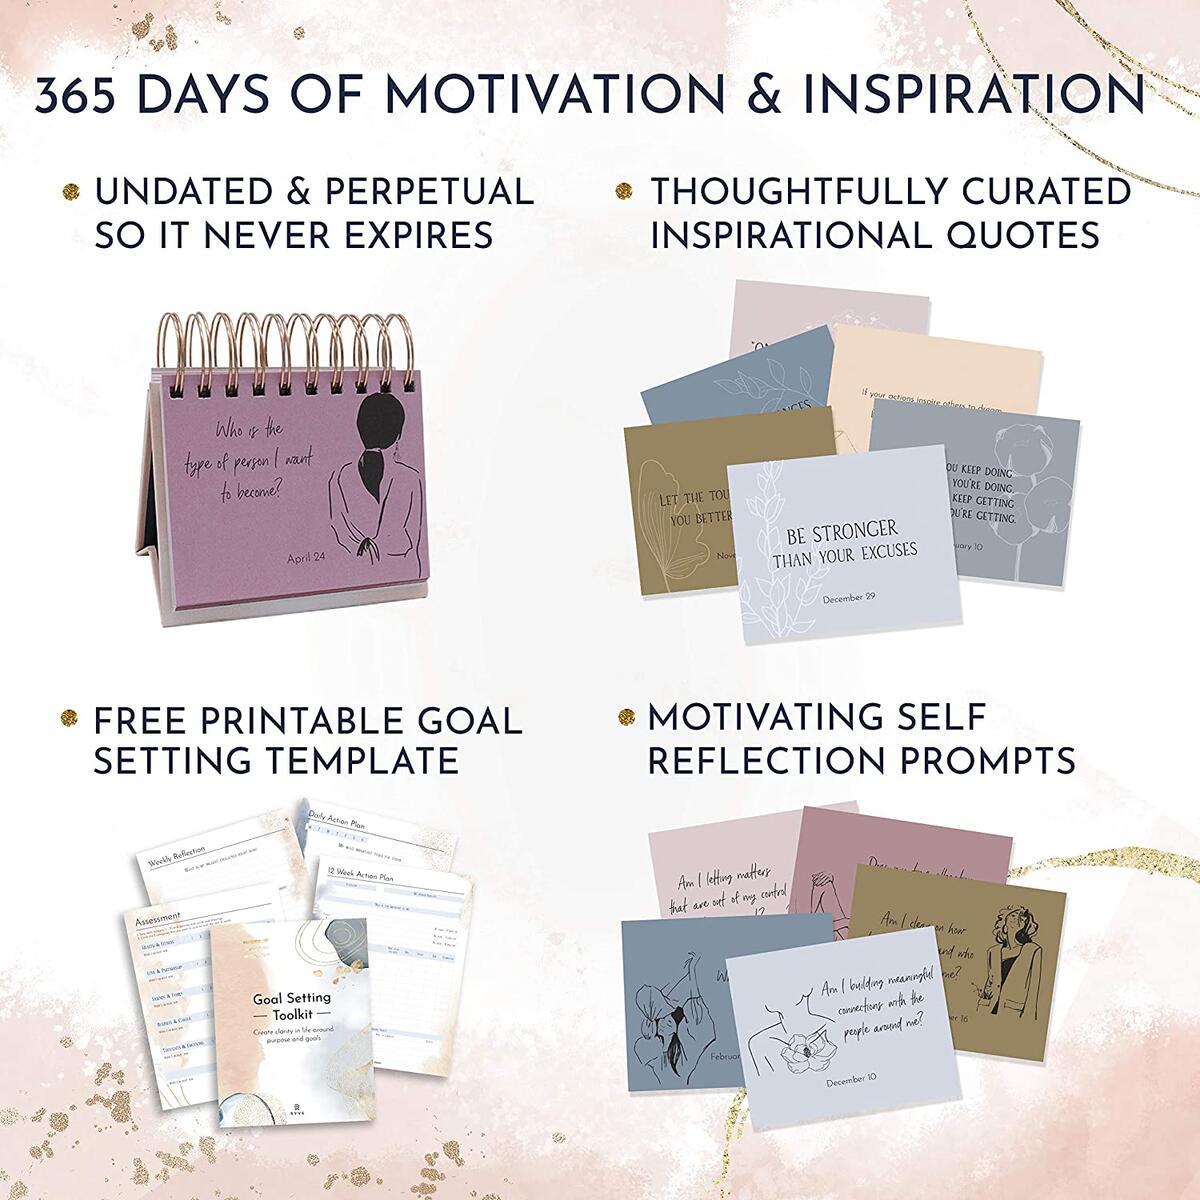 Motivational Calendar - Daily Flip Calendar with Inspirational Quotes - Inspirational Calendar, Motivational Quotes, Inspirational Desk Decor for Women, Inspirational Office Decor for Women Desk, Inspirational Gifts for Women, Motivational Gifts for Women